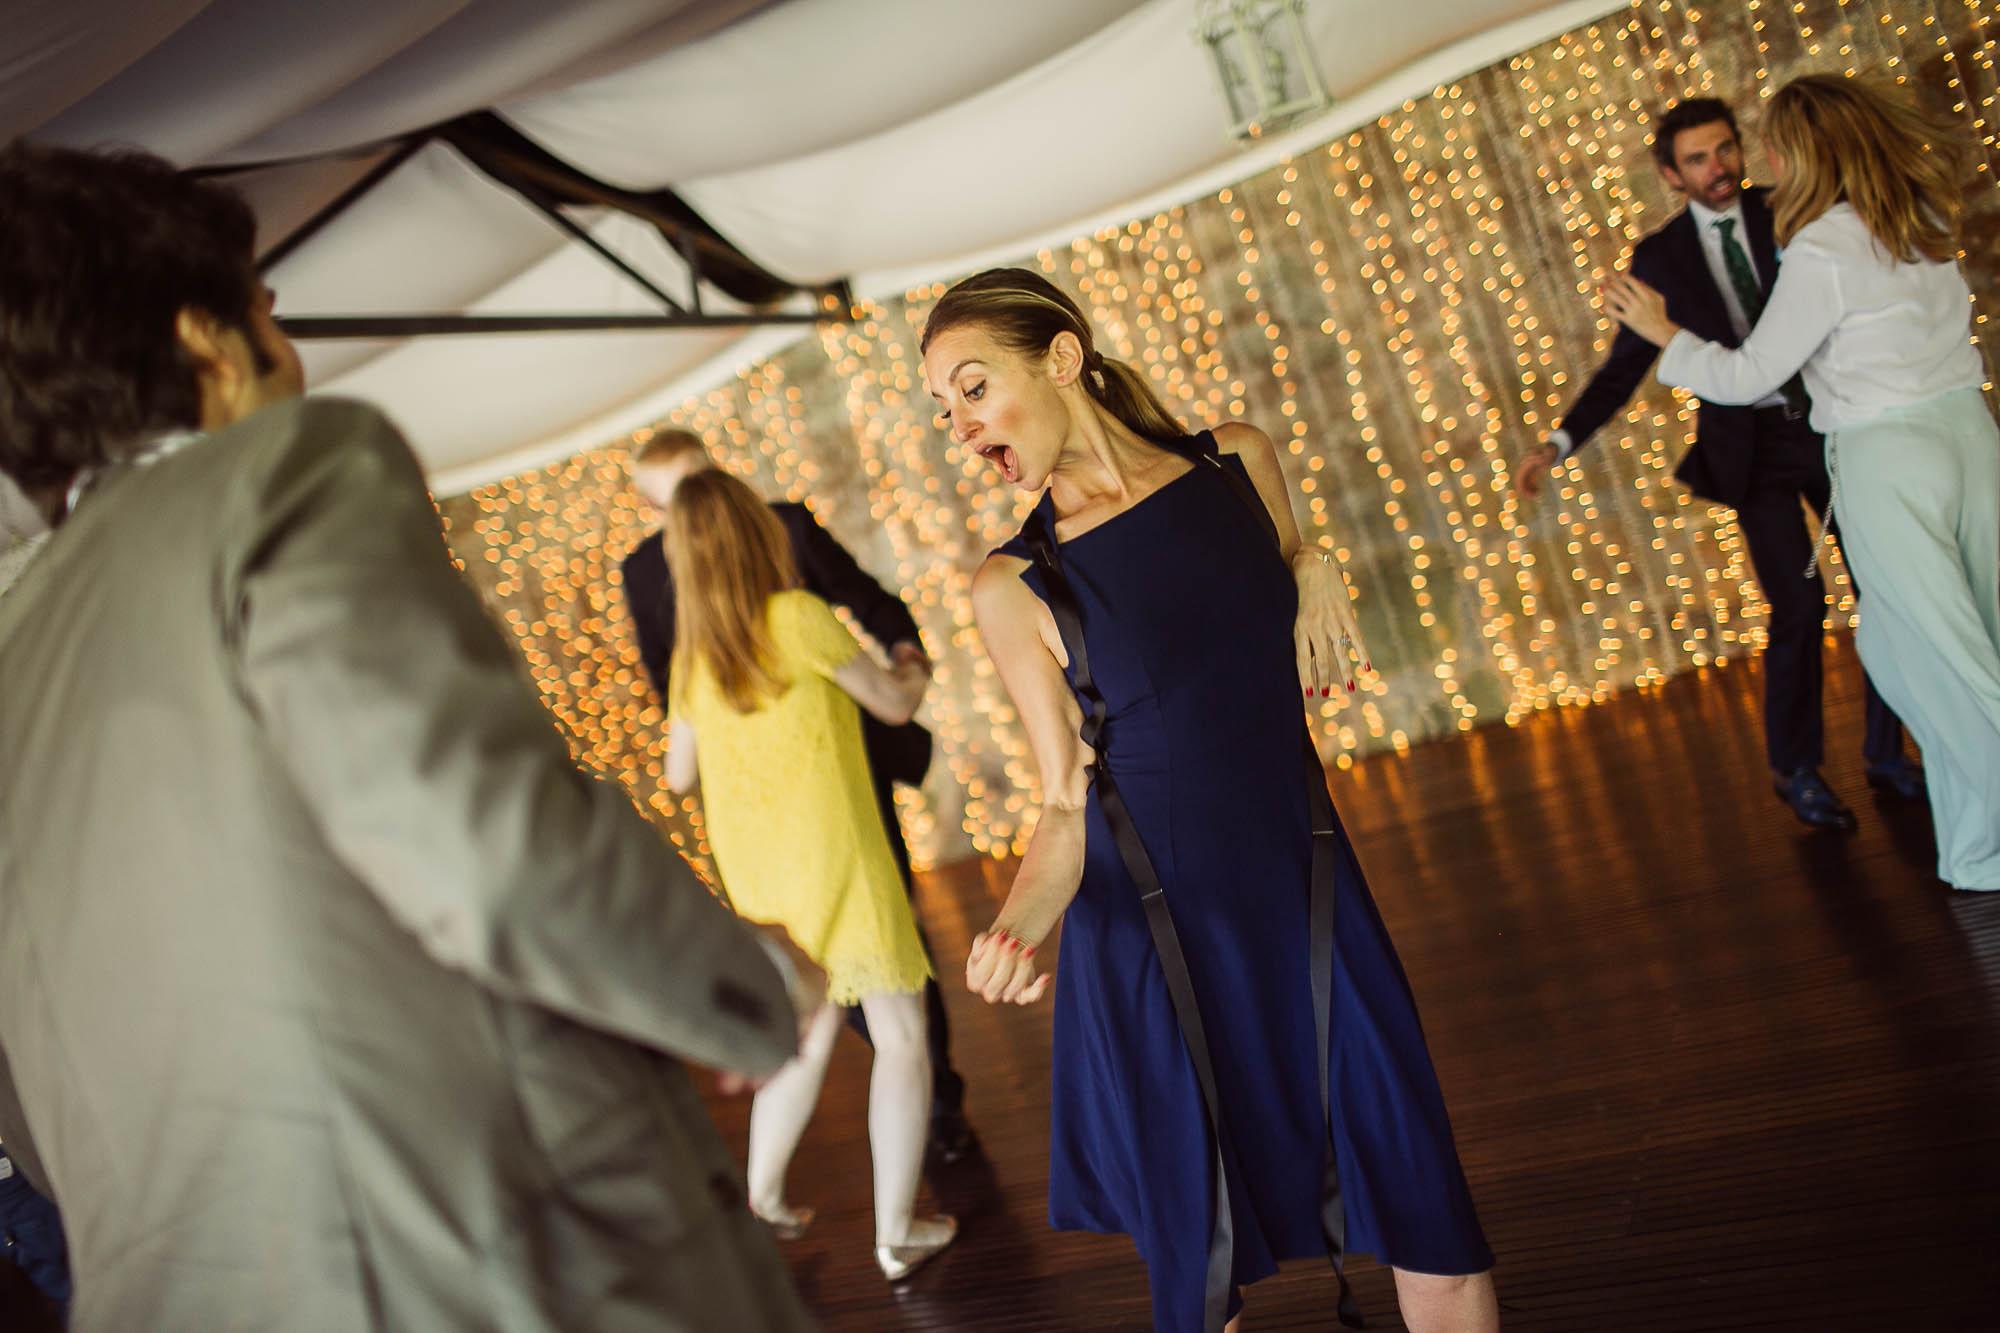 Una invitada con un vestido azul bailando junto a otros invitados